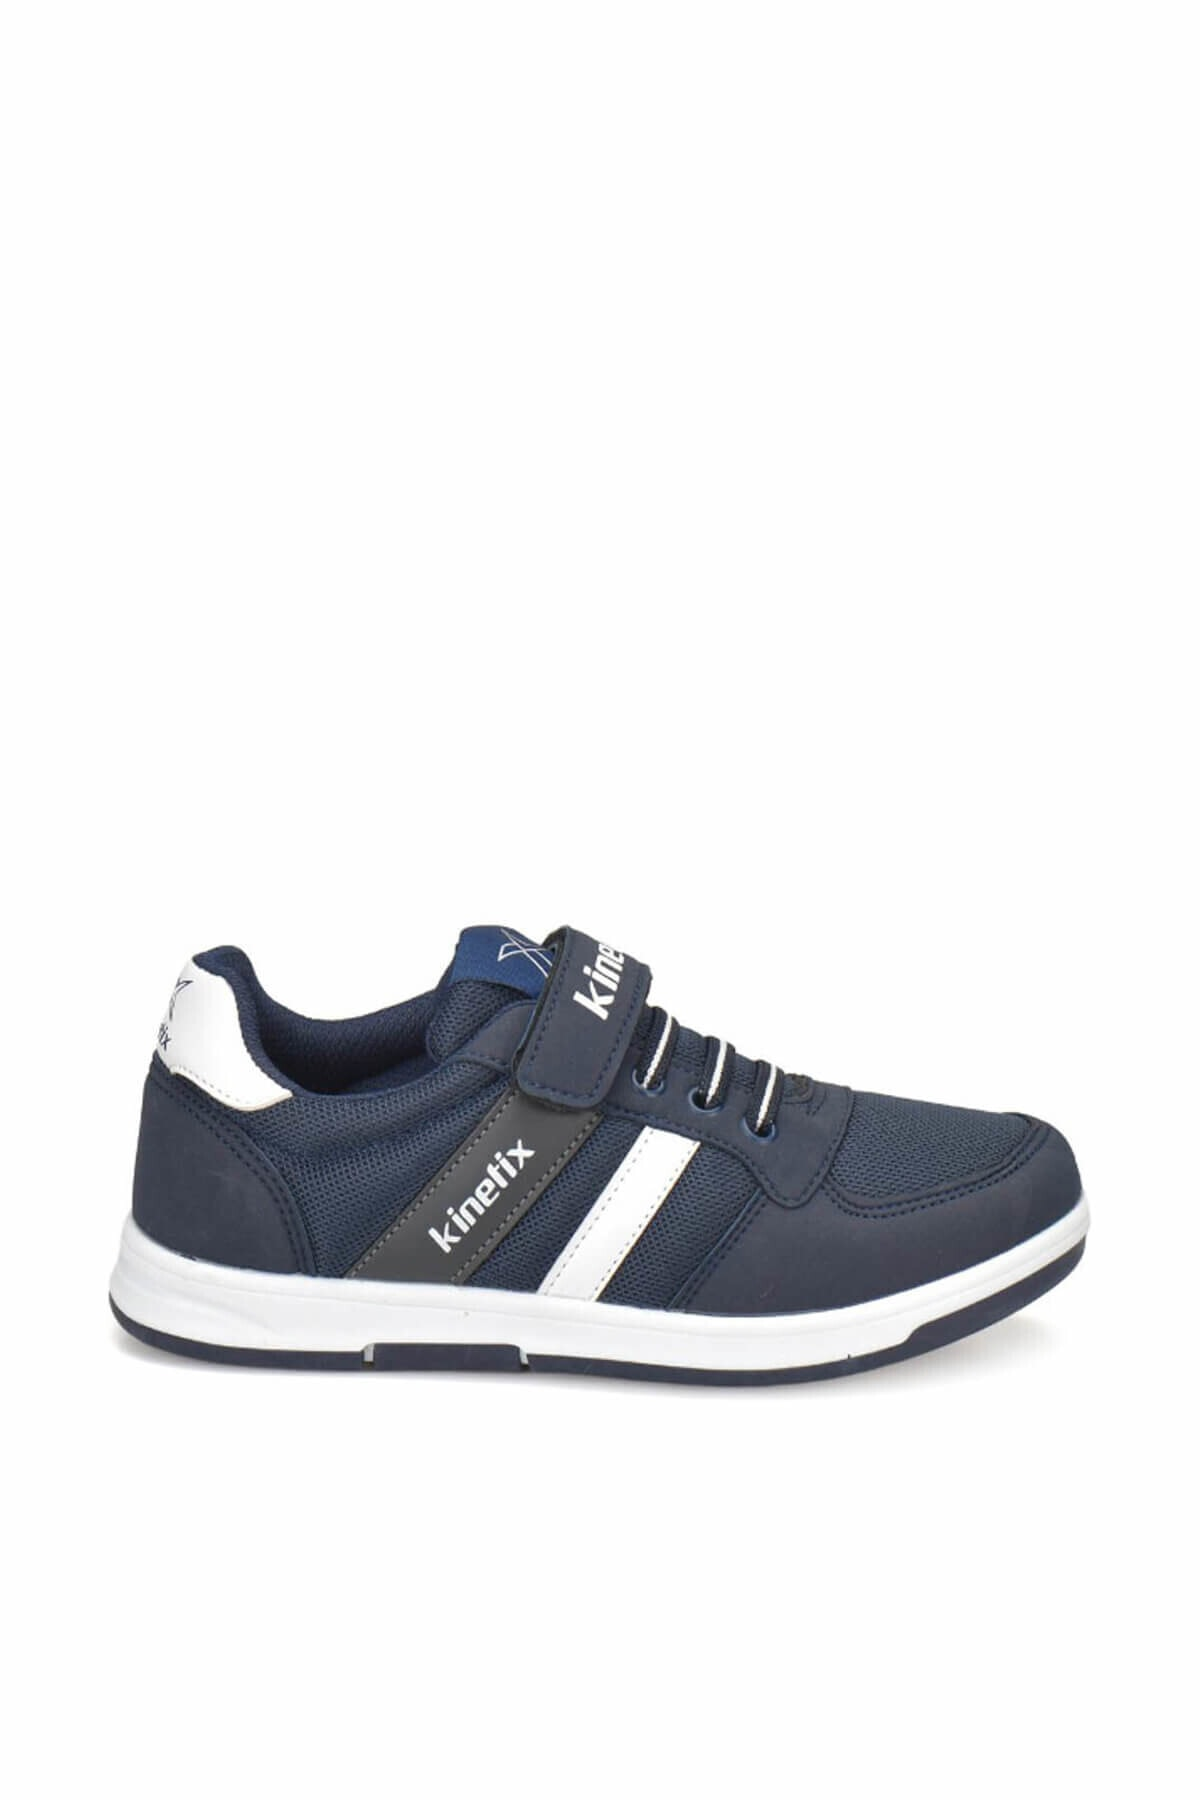 Kinetix UPTON Lacivert Gri Beyaz Erkek Çocuk Sneaker 100232943 2